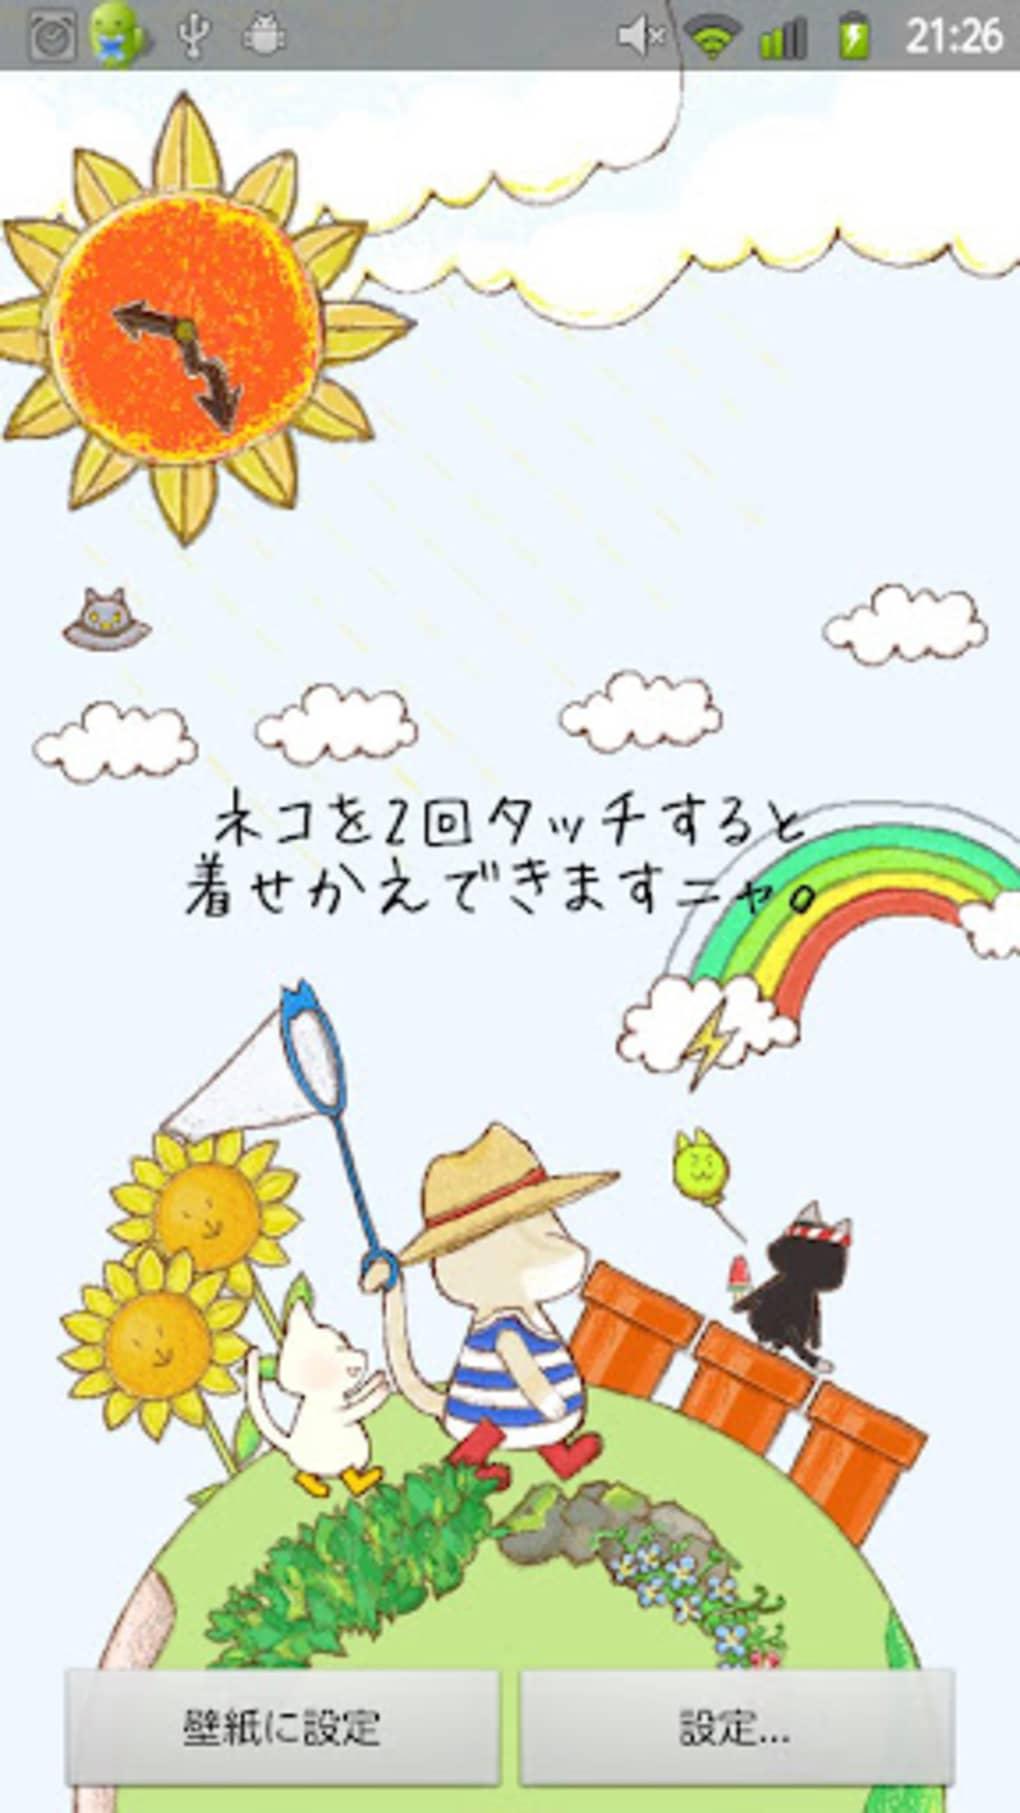 ぺらネコライブ壁紙 For Android ダウンロード